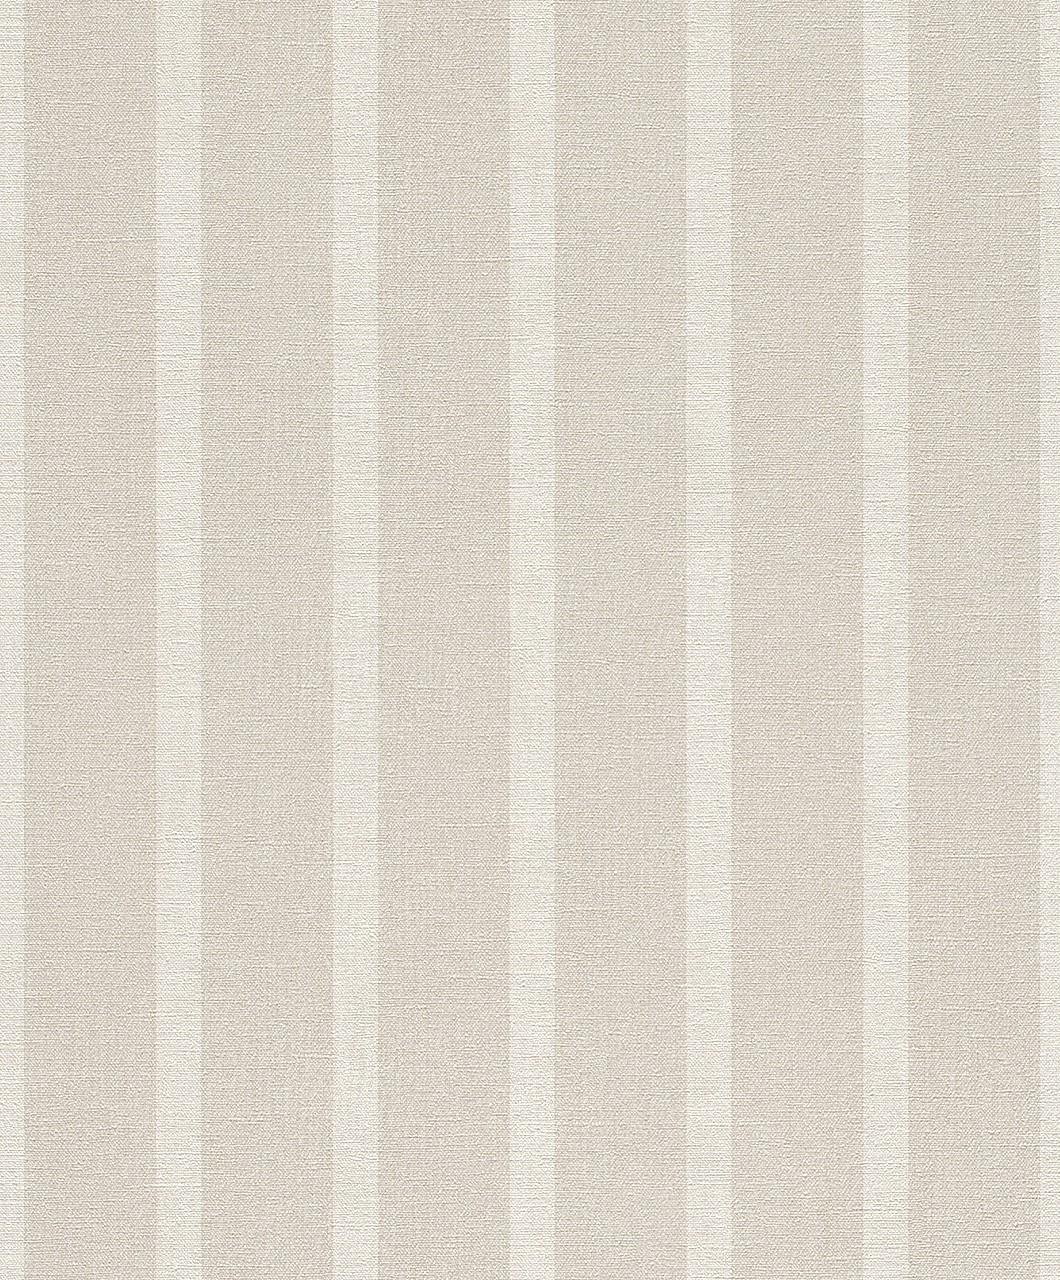 Barbara Becker Design Tapeten : Tapete Barbara Becker b.b. Streifen beige 467031